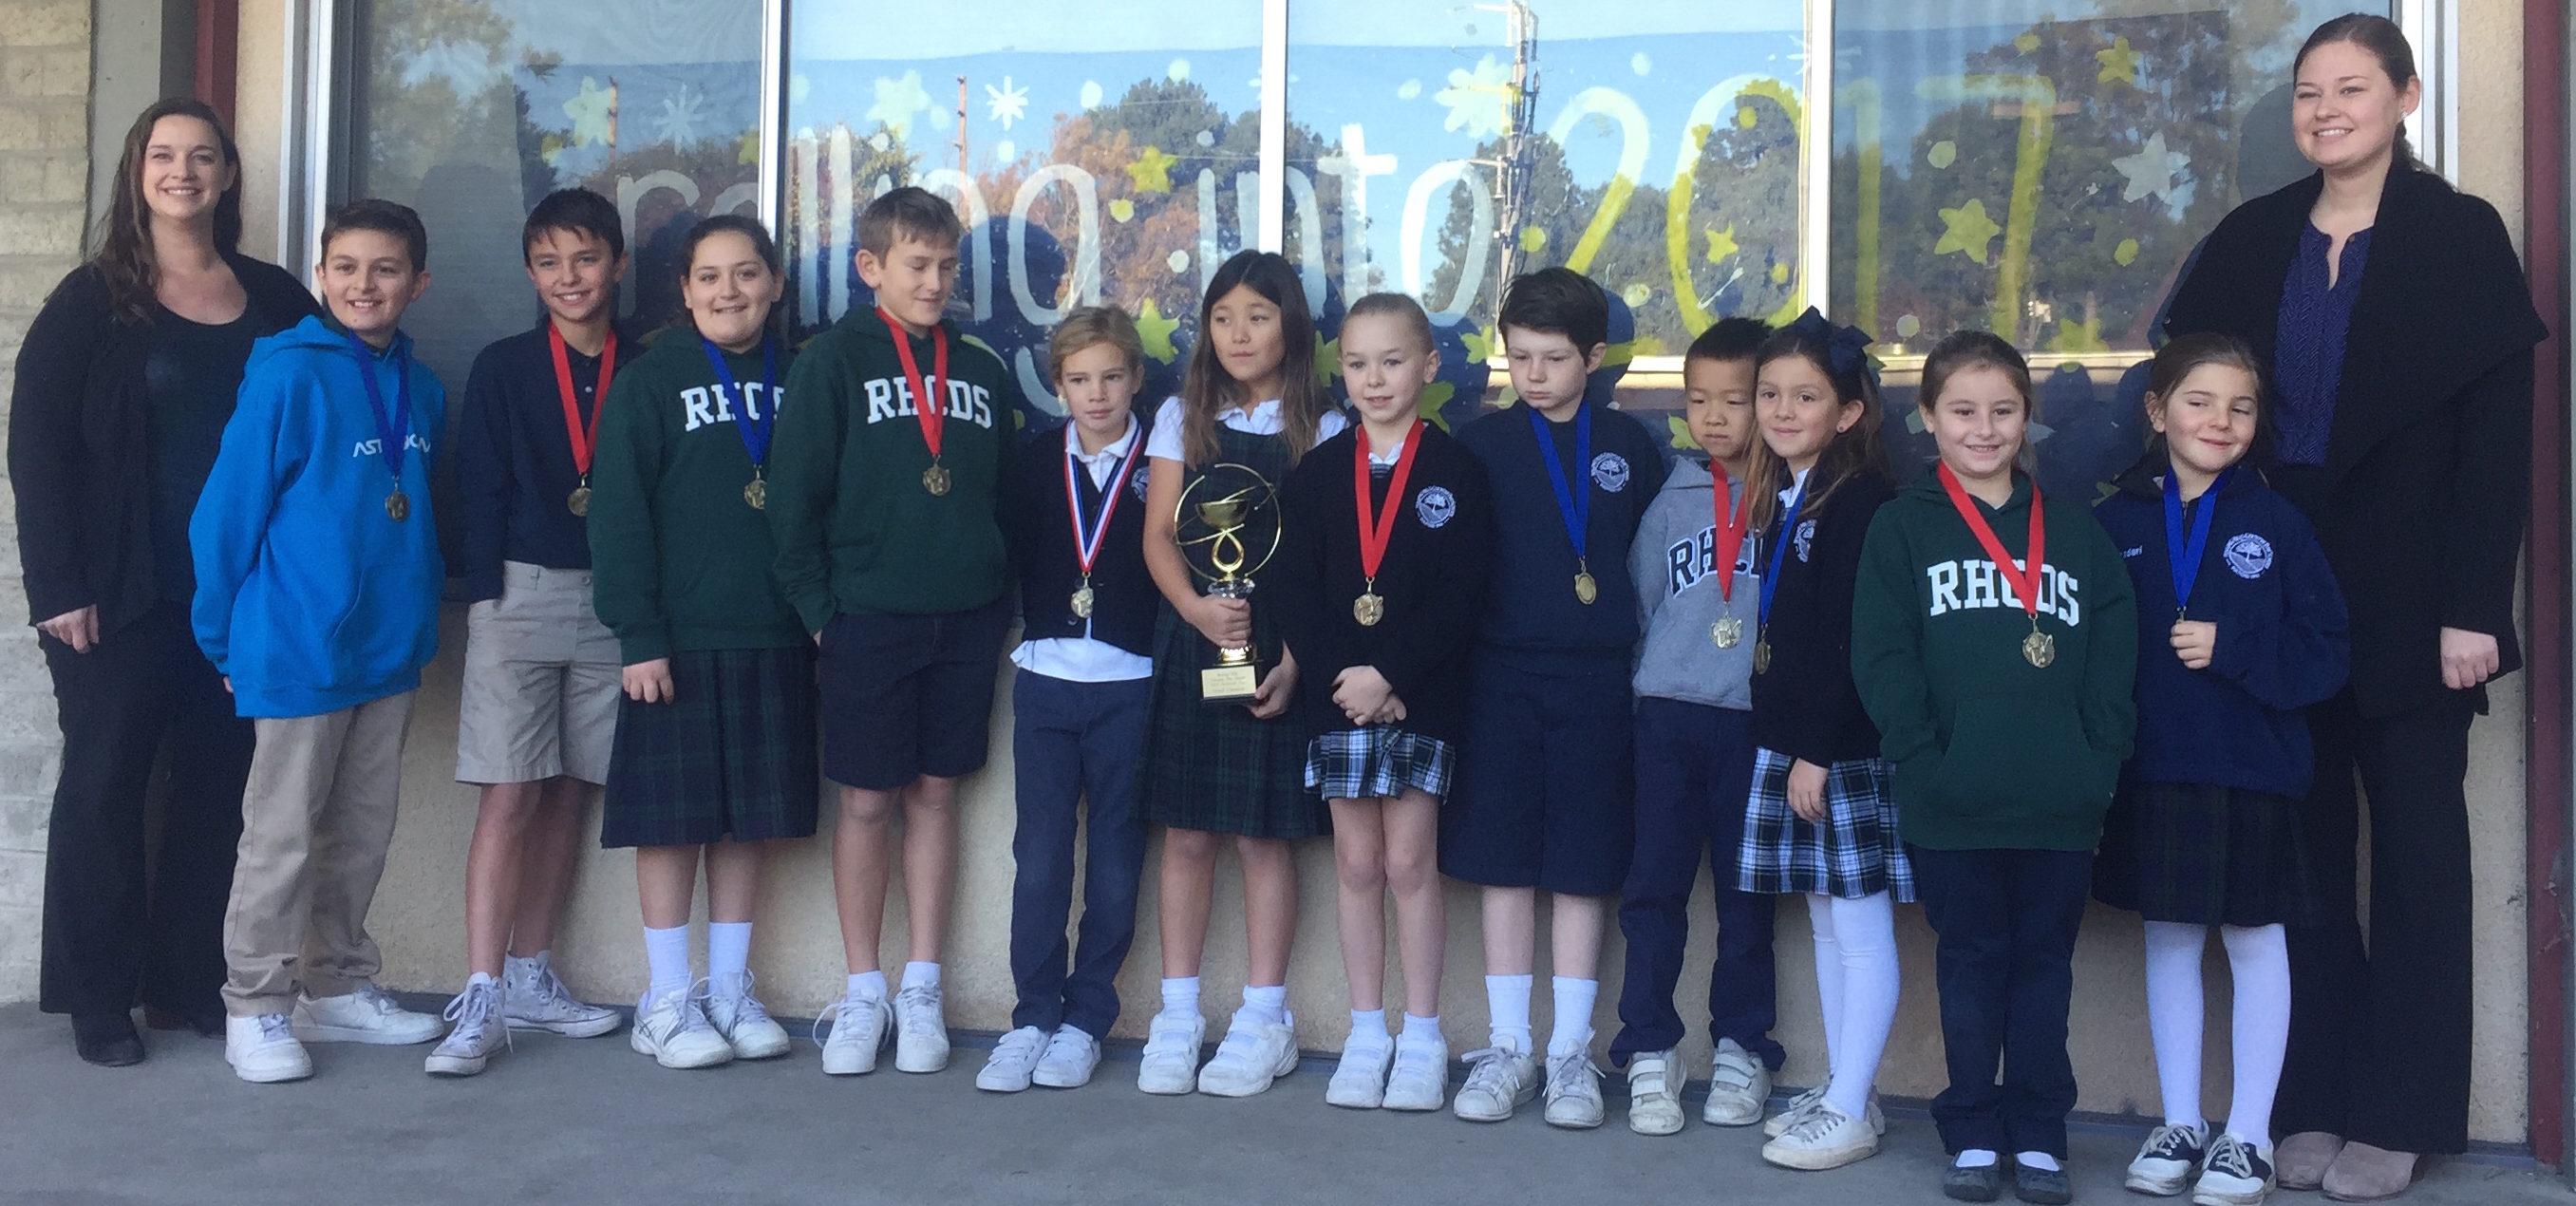 RHCDS Lower School Science Fair